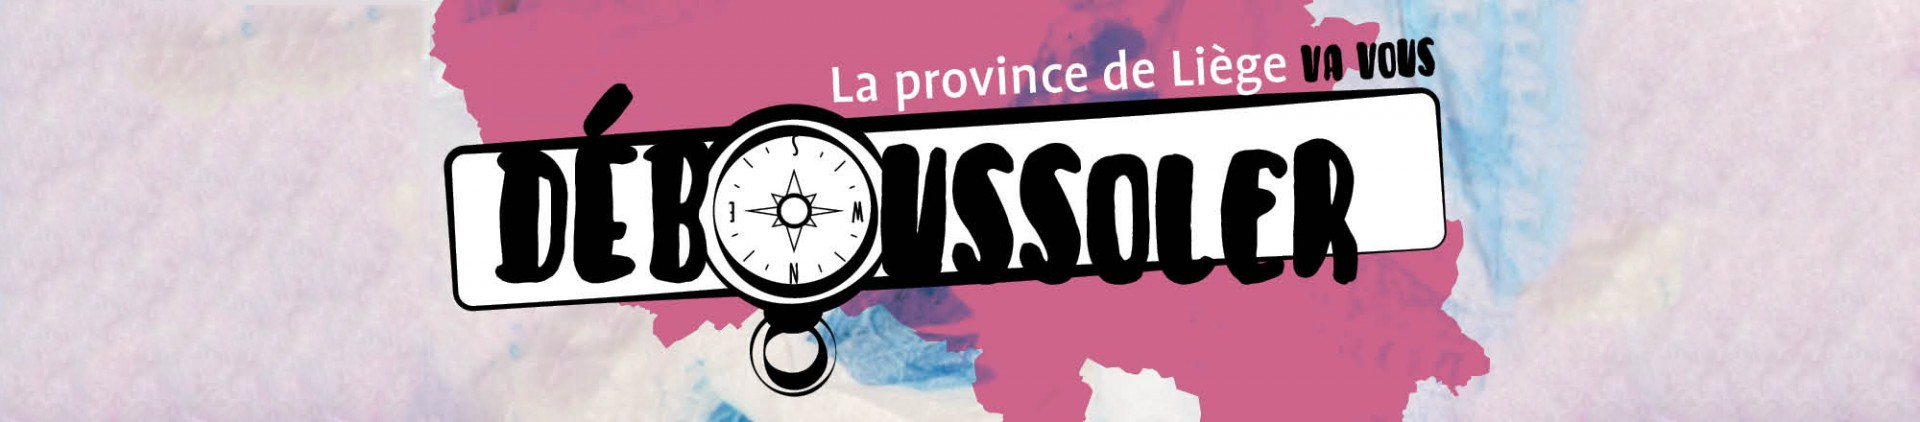 Unieke ervaringen in de provincie Luik